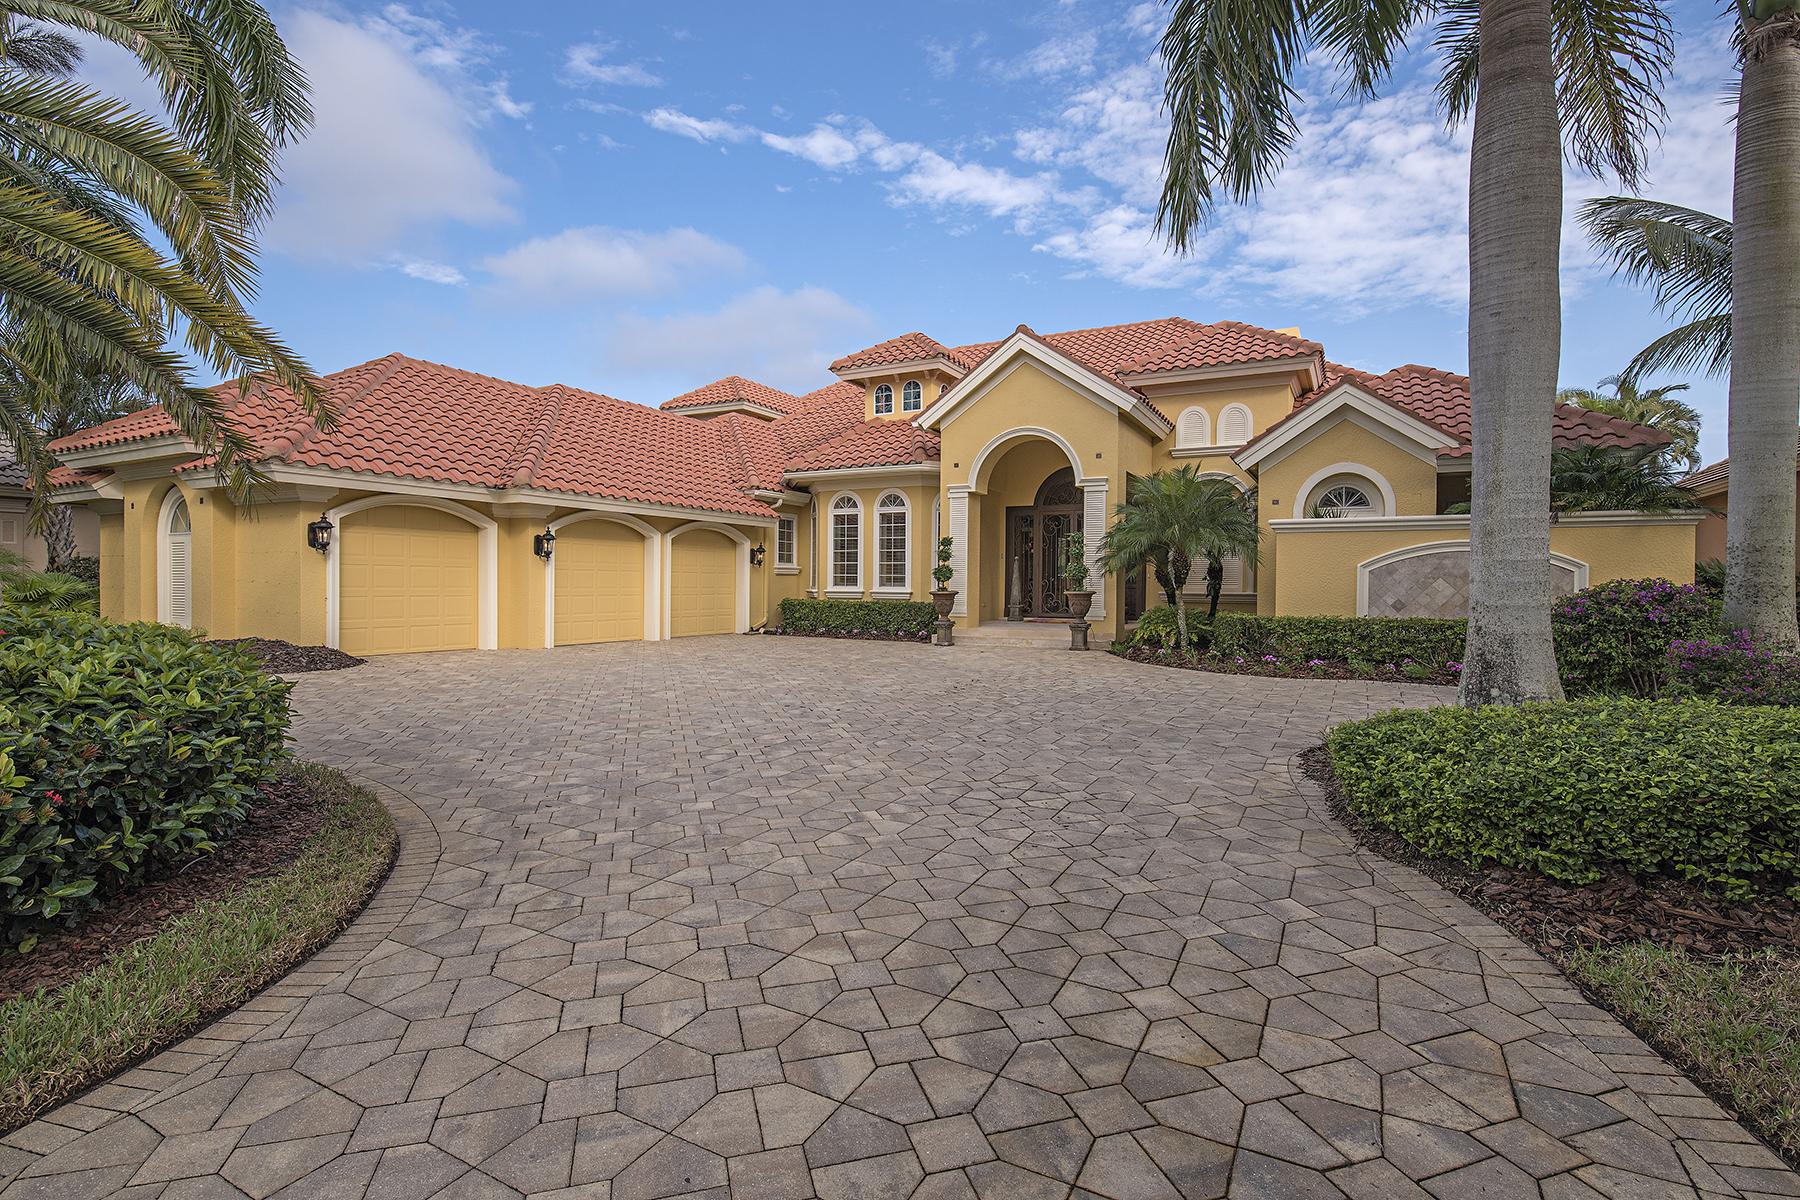 独户住宅 为 销售 在 WILLOW WALK 9166 Willow Walk 埃斯特罗, 佛罗里达州 34135 美国